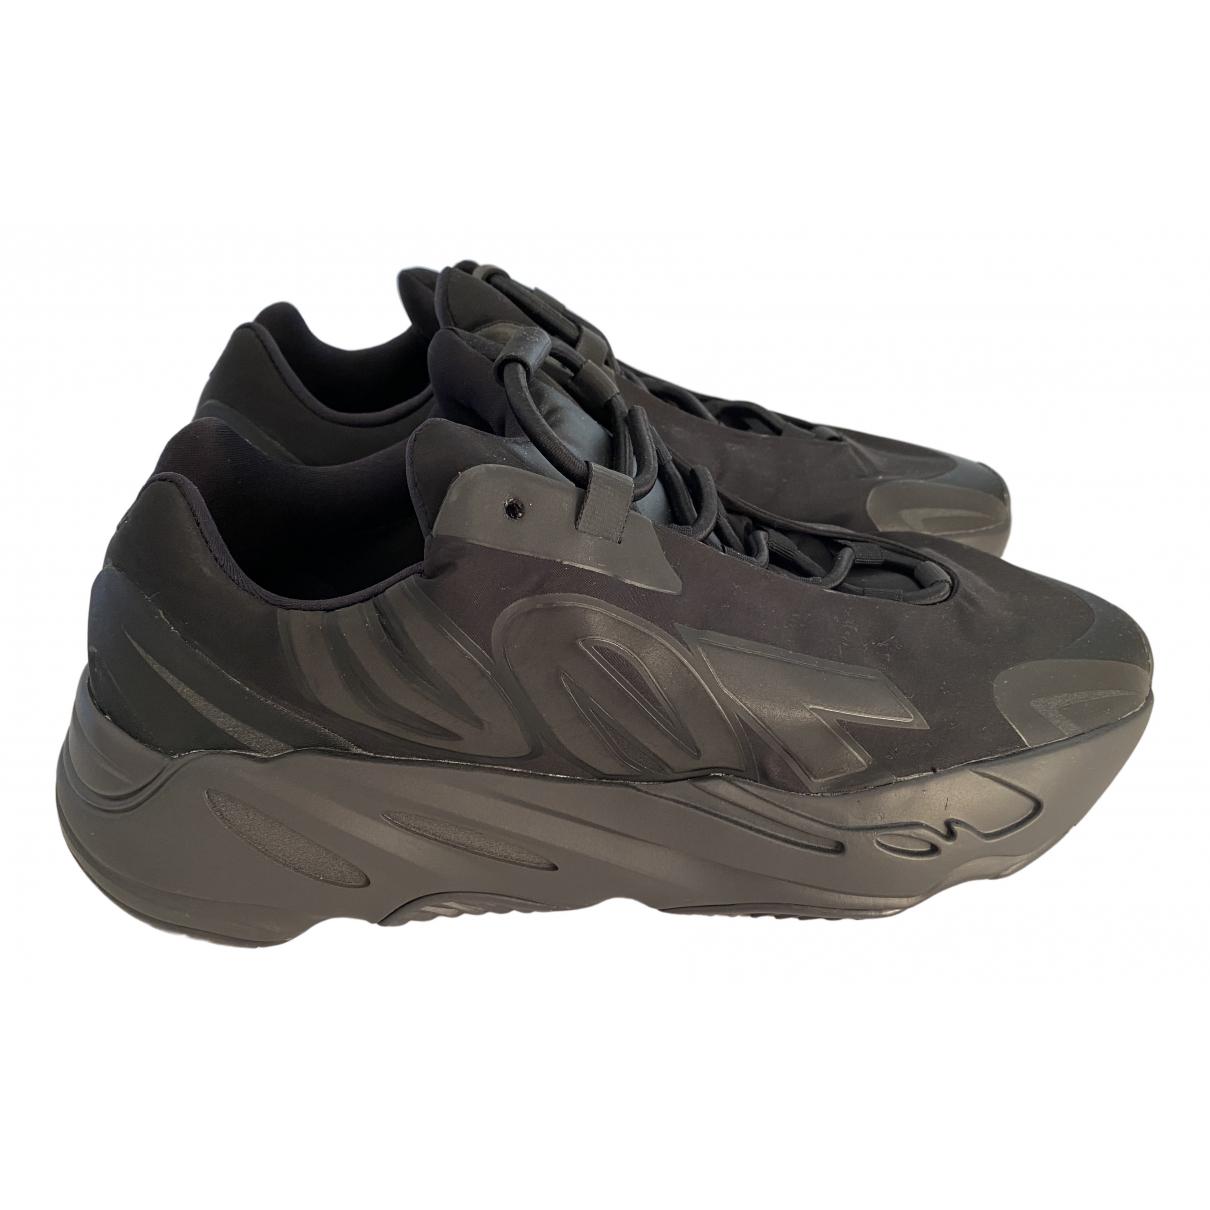 Yeezy X Adidas - Baskets 700 MNVN PHOSPHOR pour homme en caoutchouc - noir